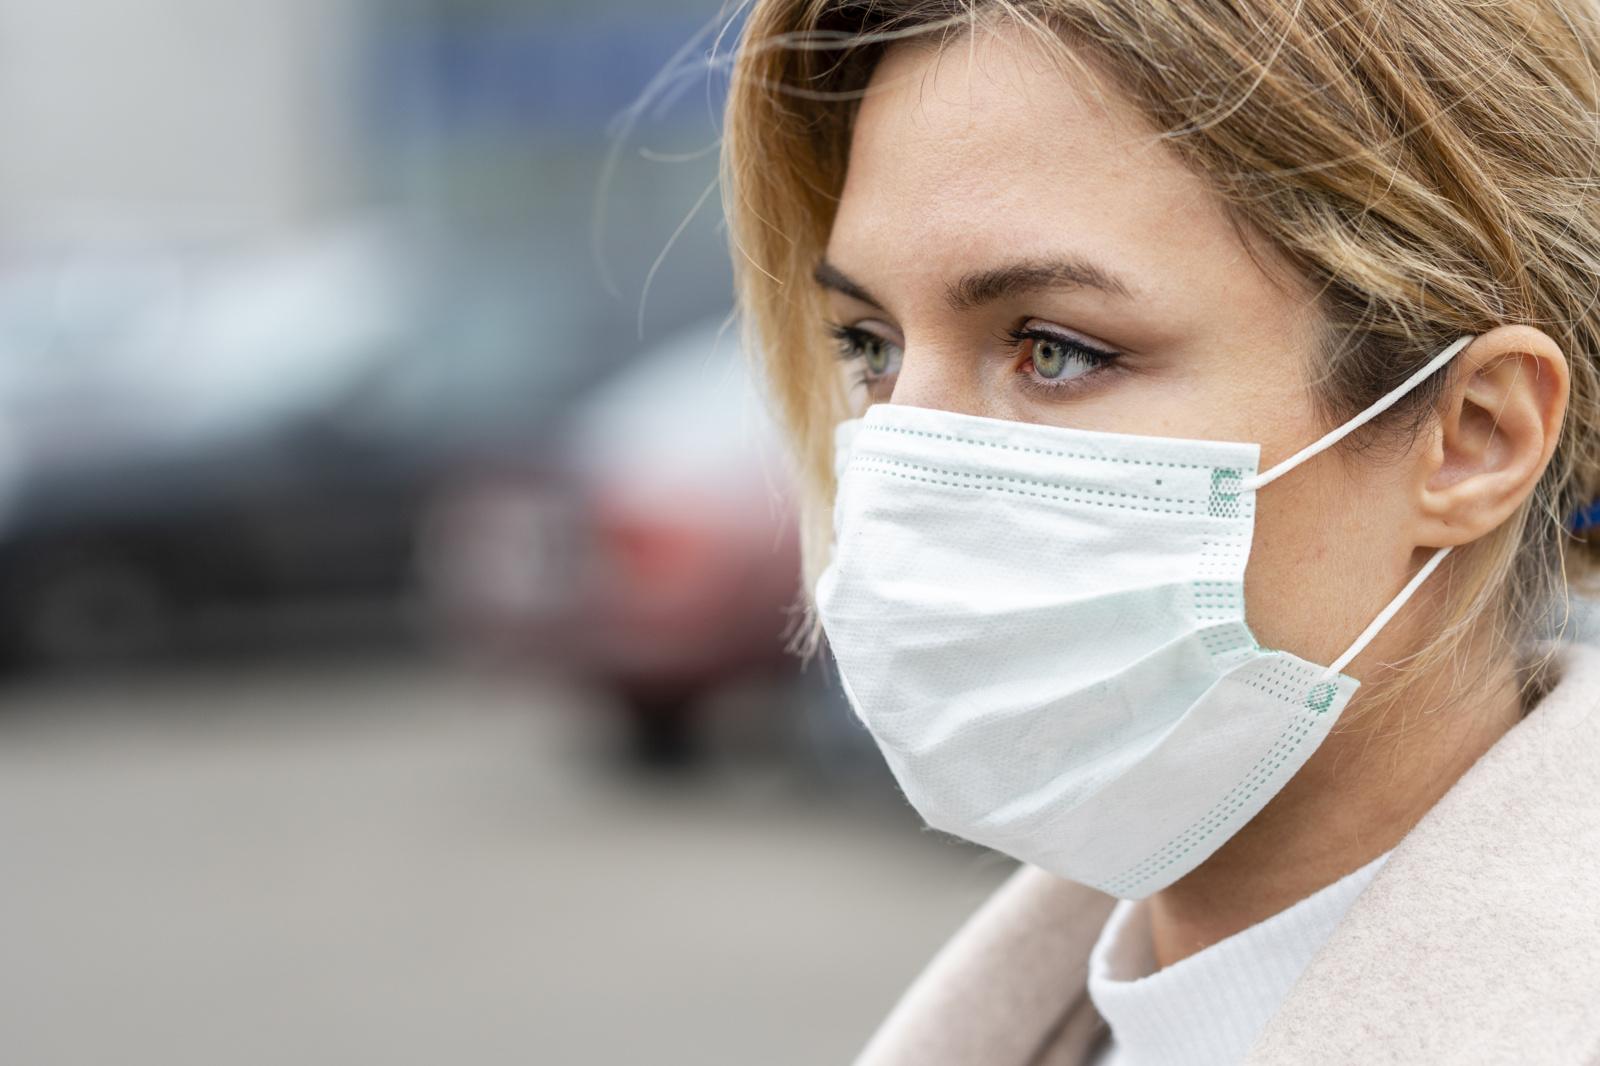 Radviliškyje dirbantys vaistininkai jaučia gyventojų nerimą